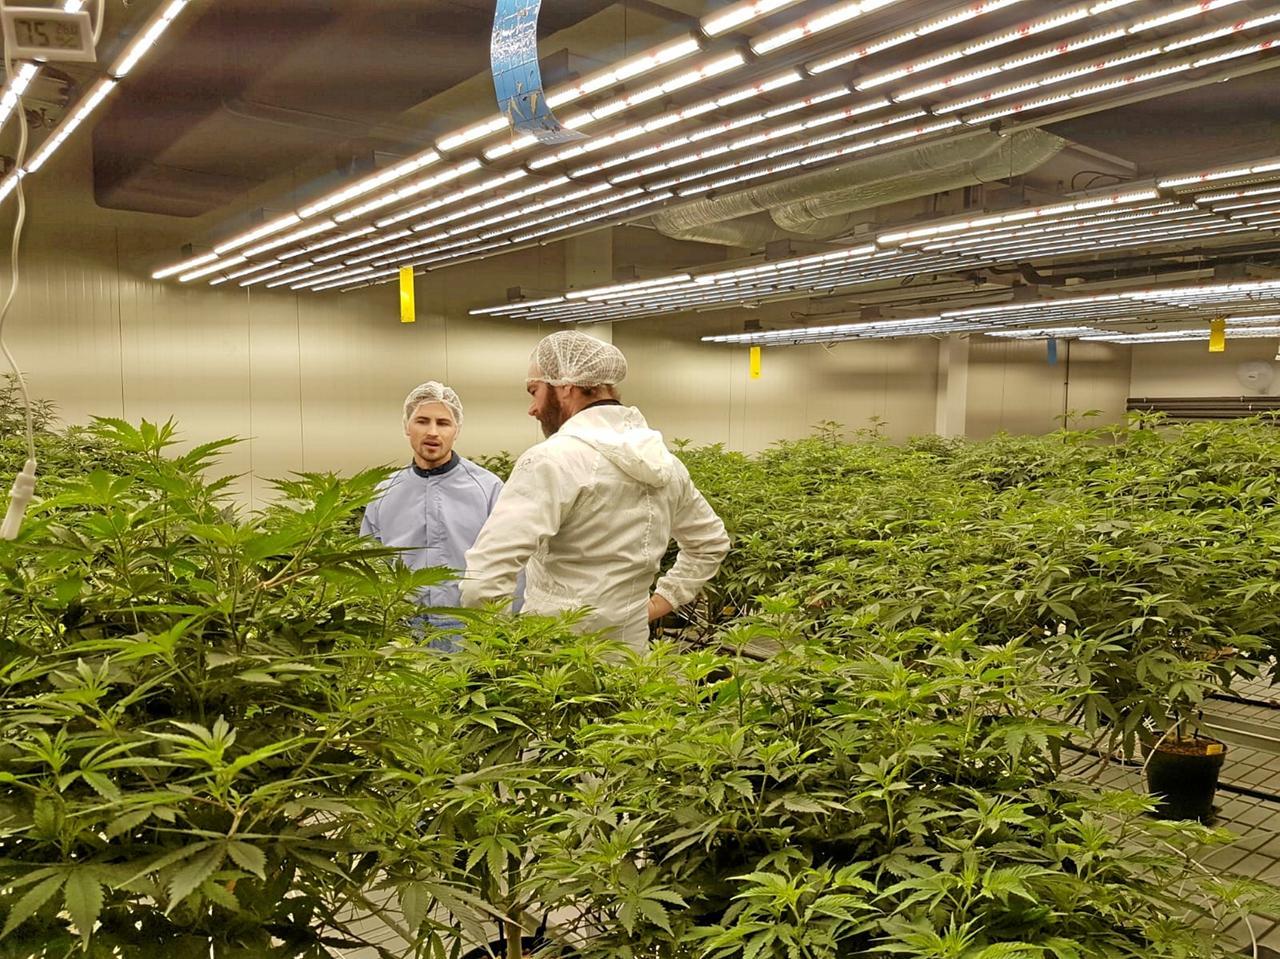 Eine Cannabis-Plantage als Geldanlage